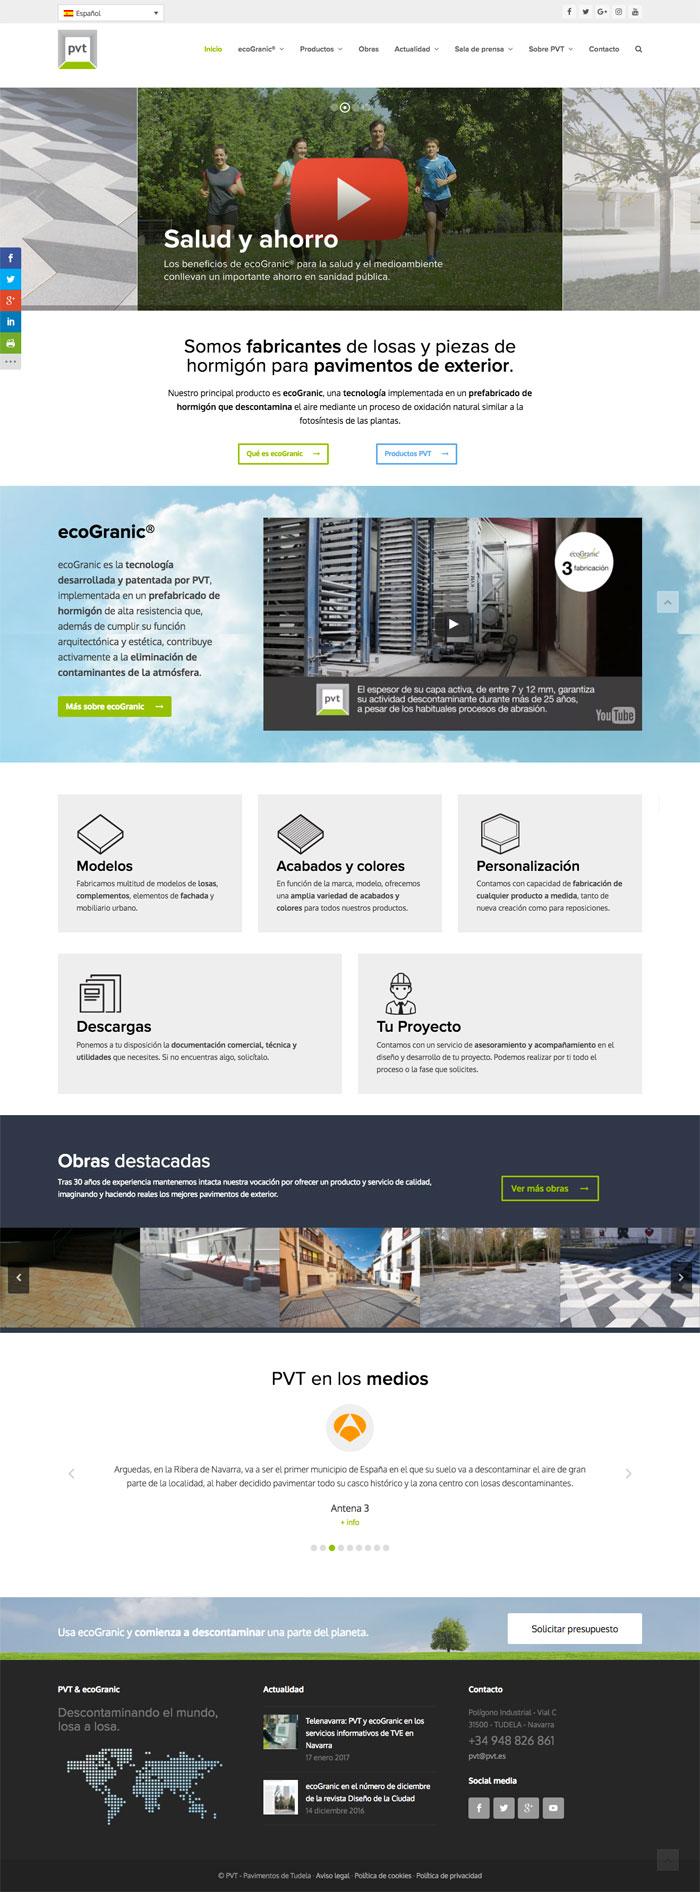 Página web PVT